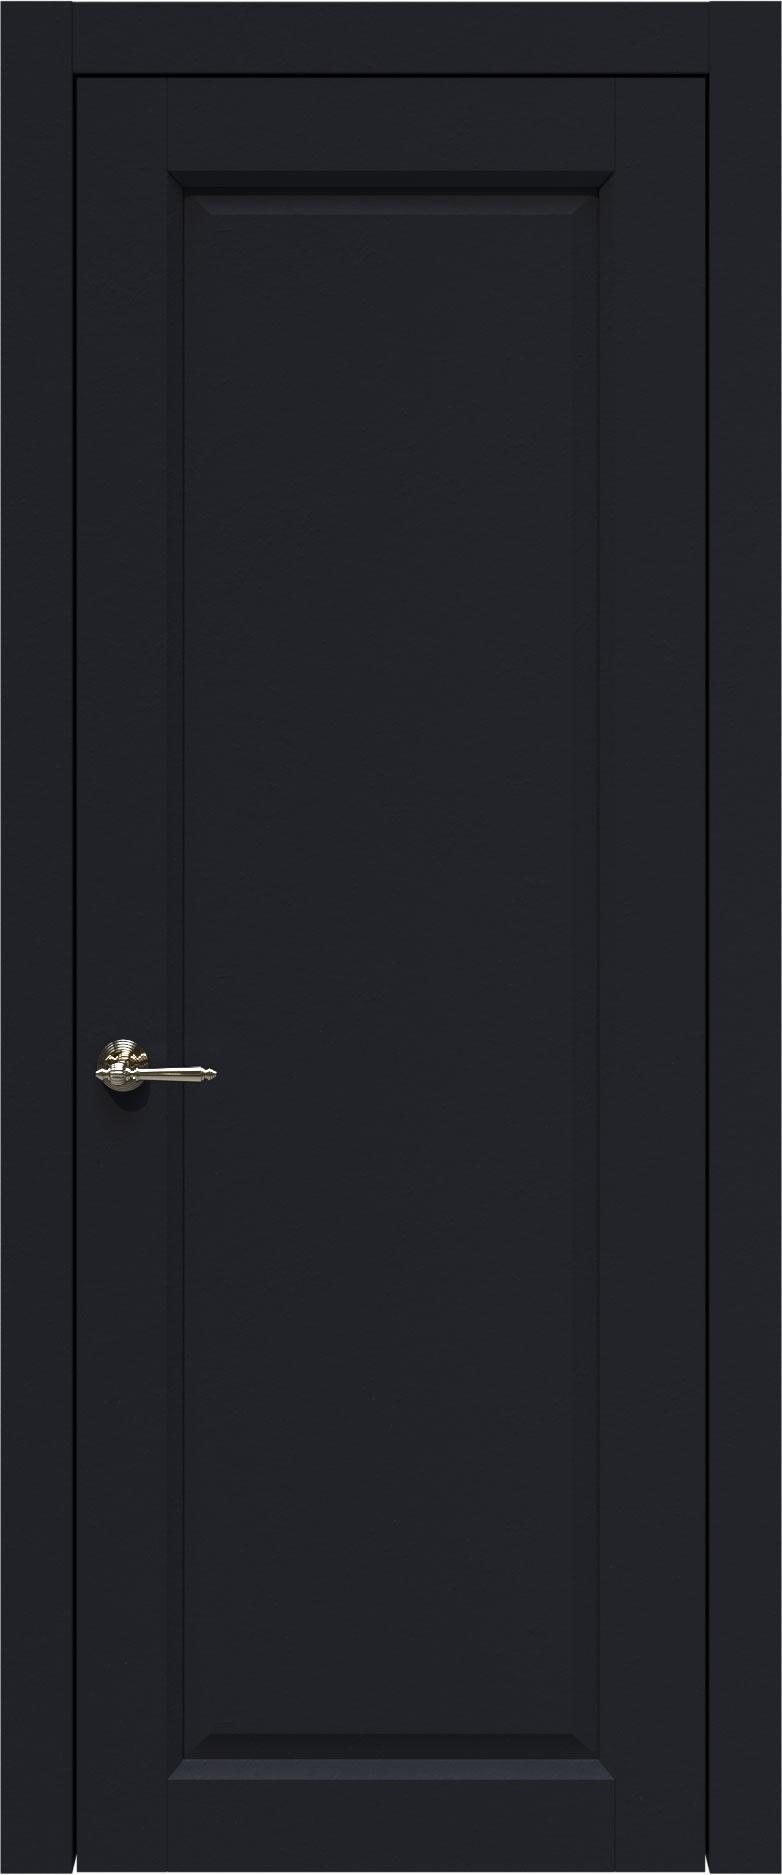 Domenica цвет - Черная эмаль (RAL 9004) Без стекла (ДГ)